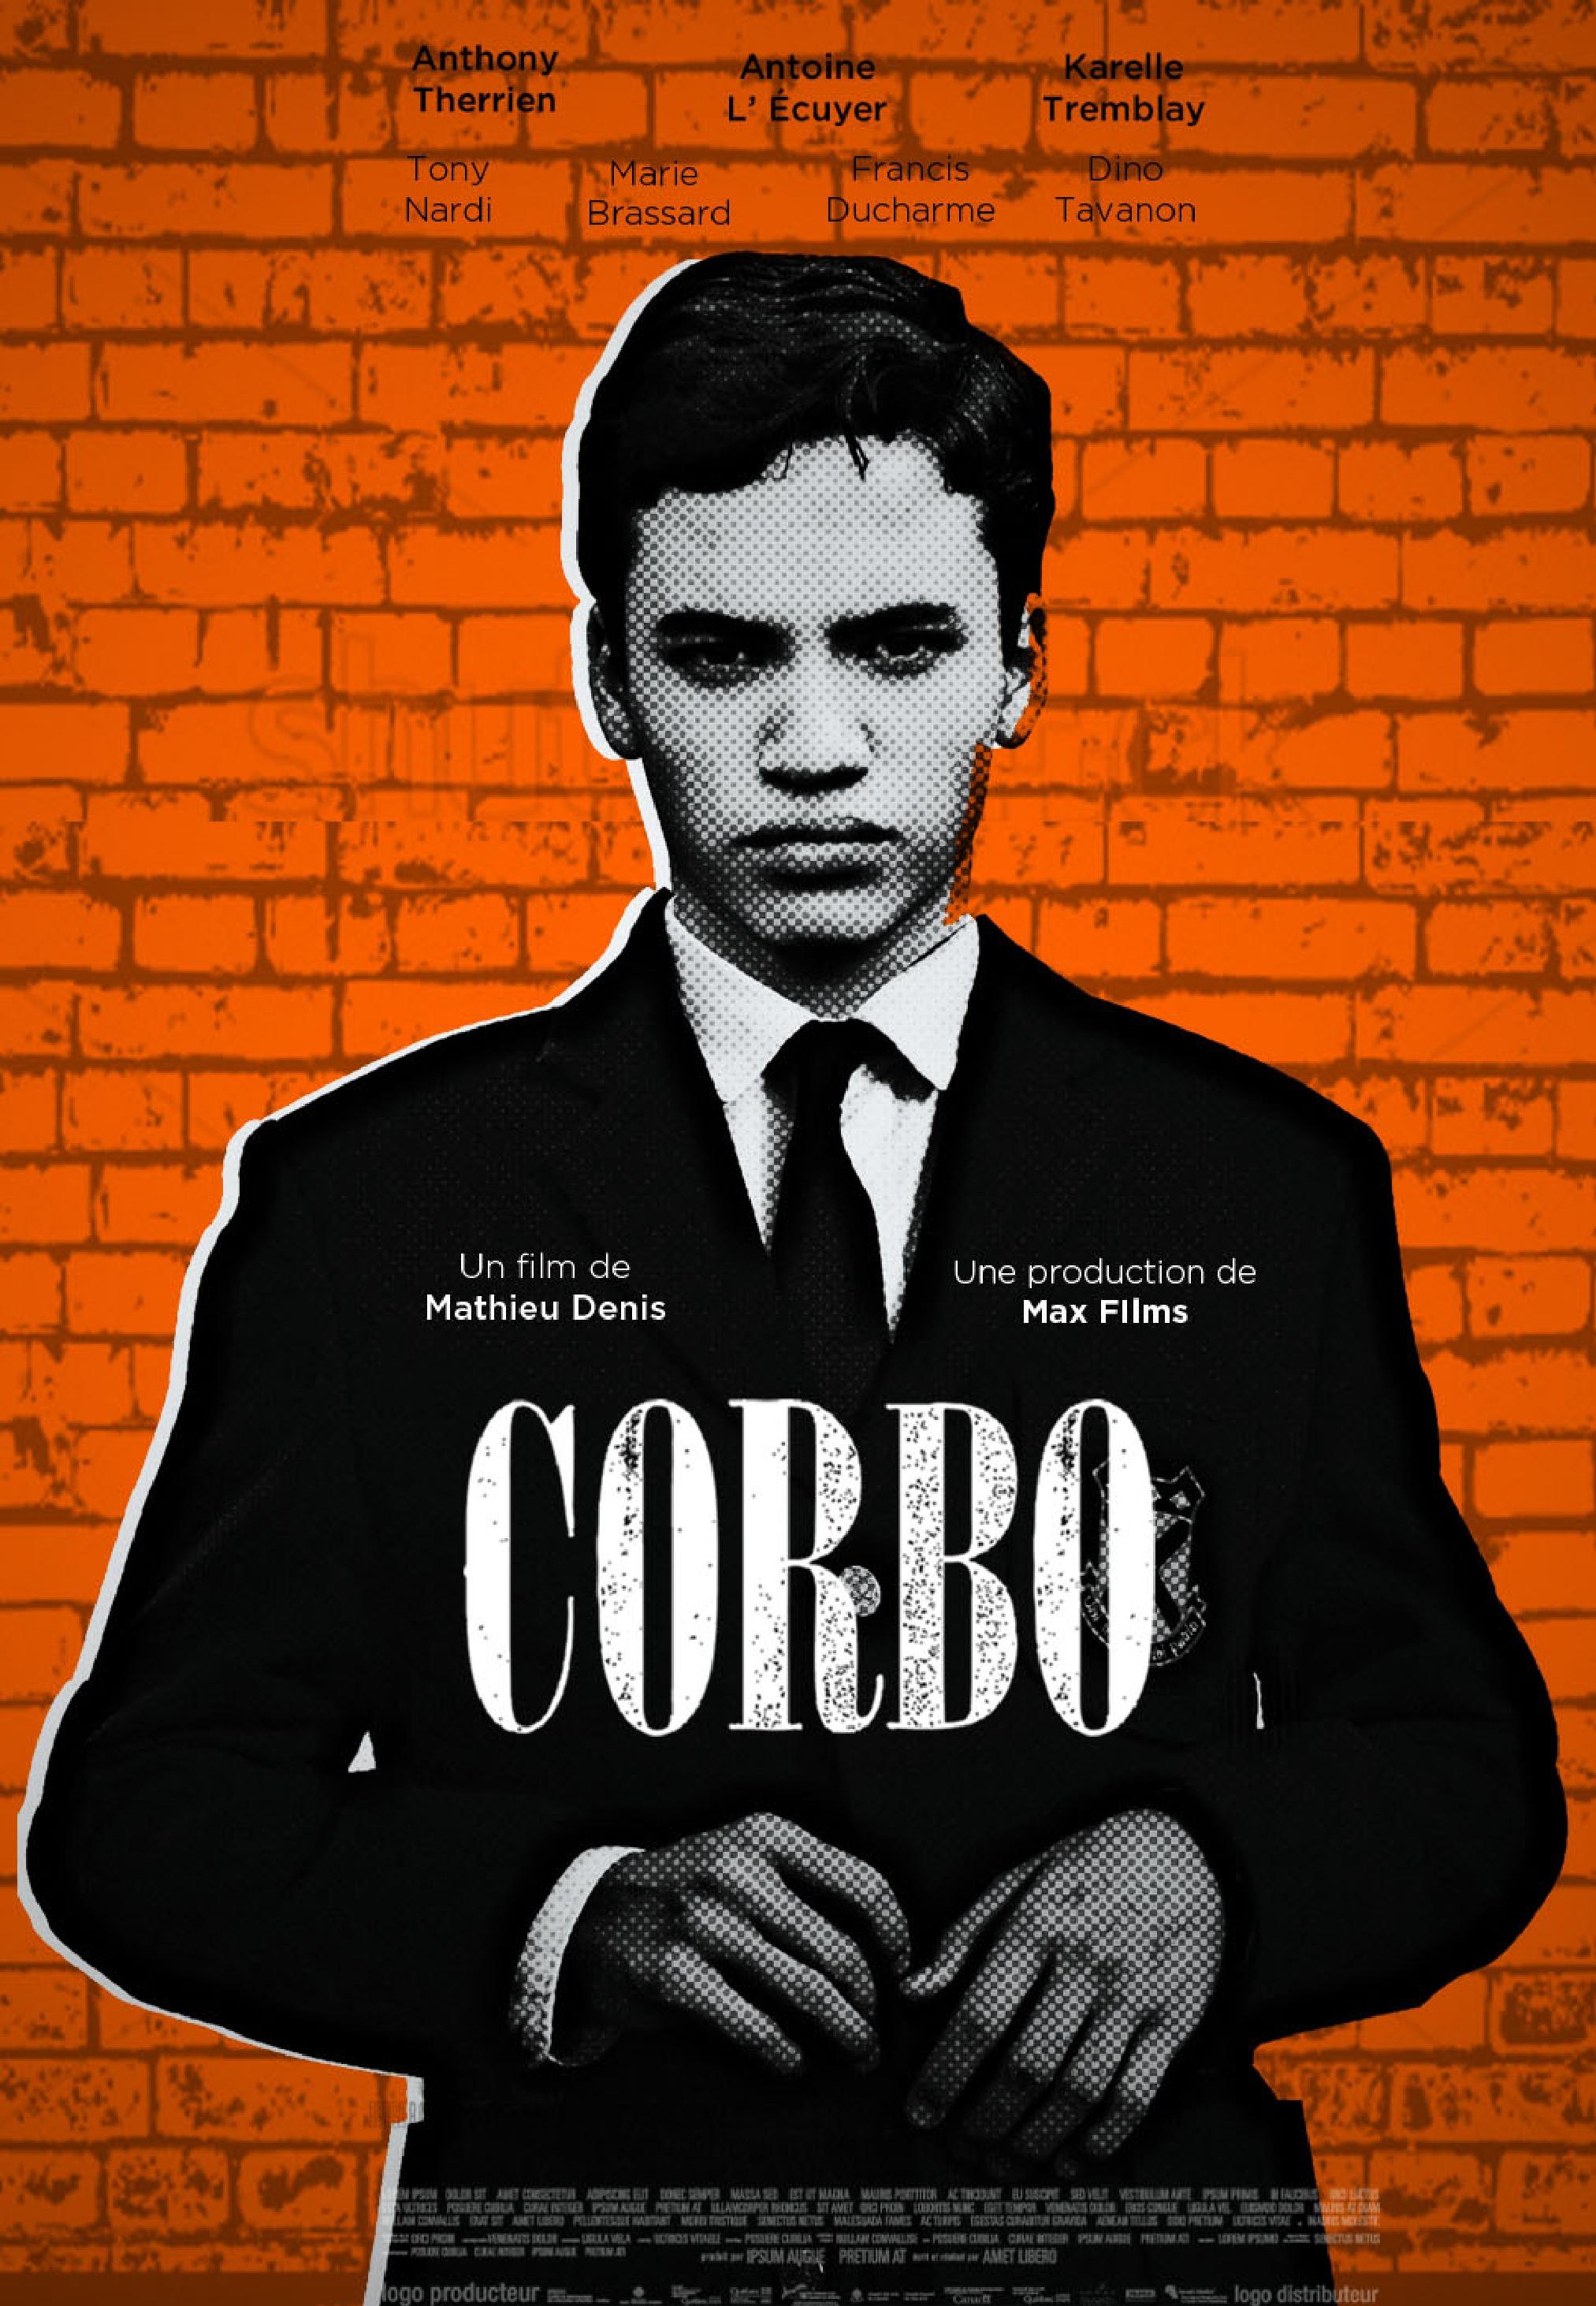 CORBO-Poster-RENZO-27oct_00031.jpg